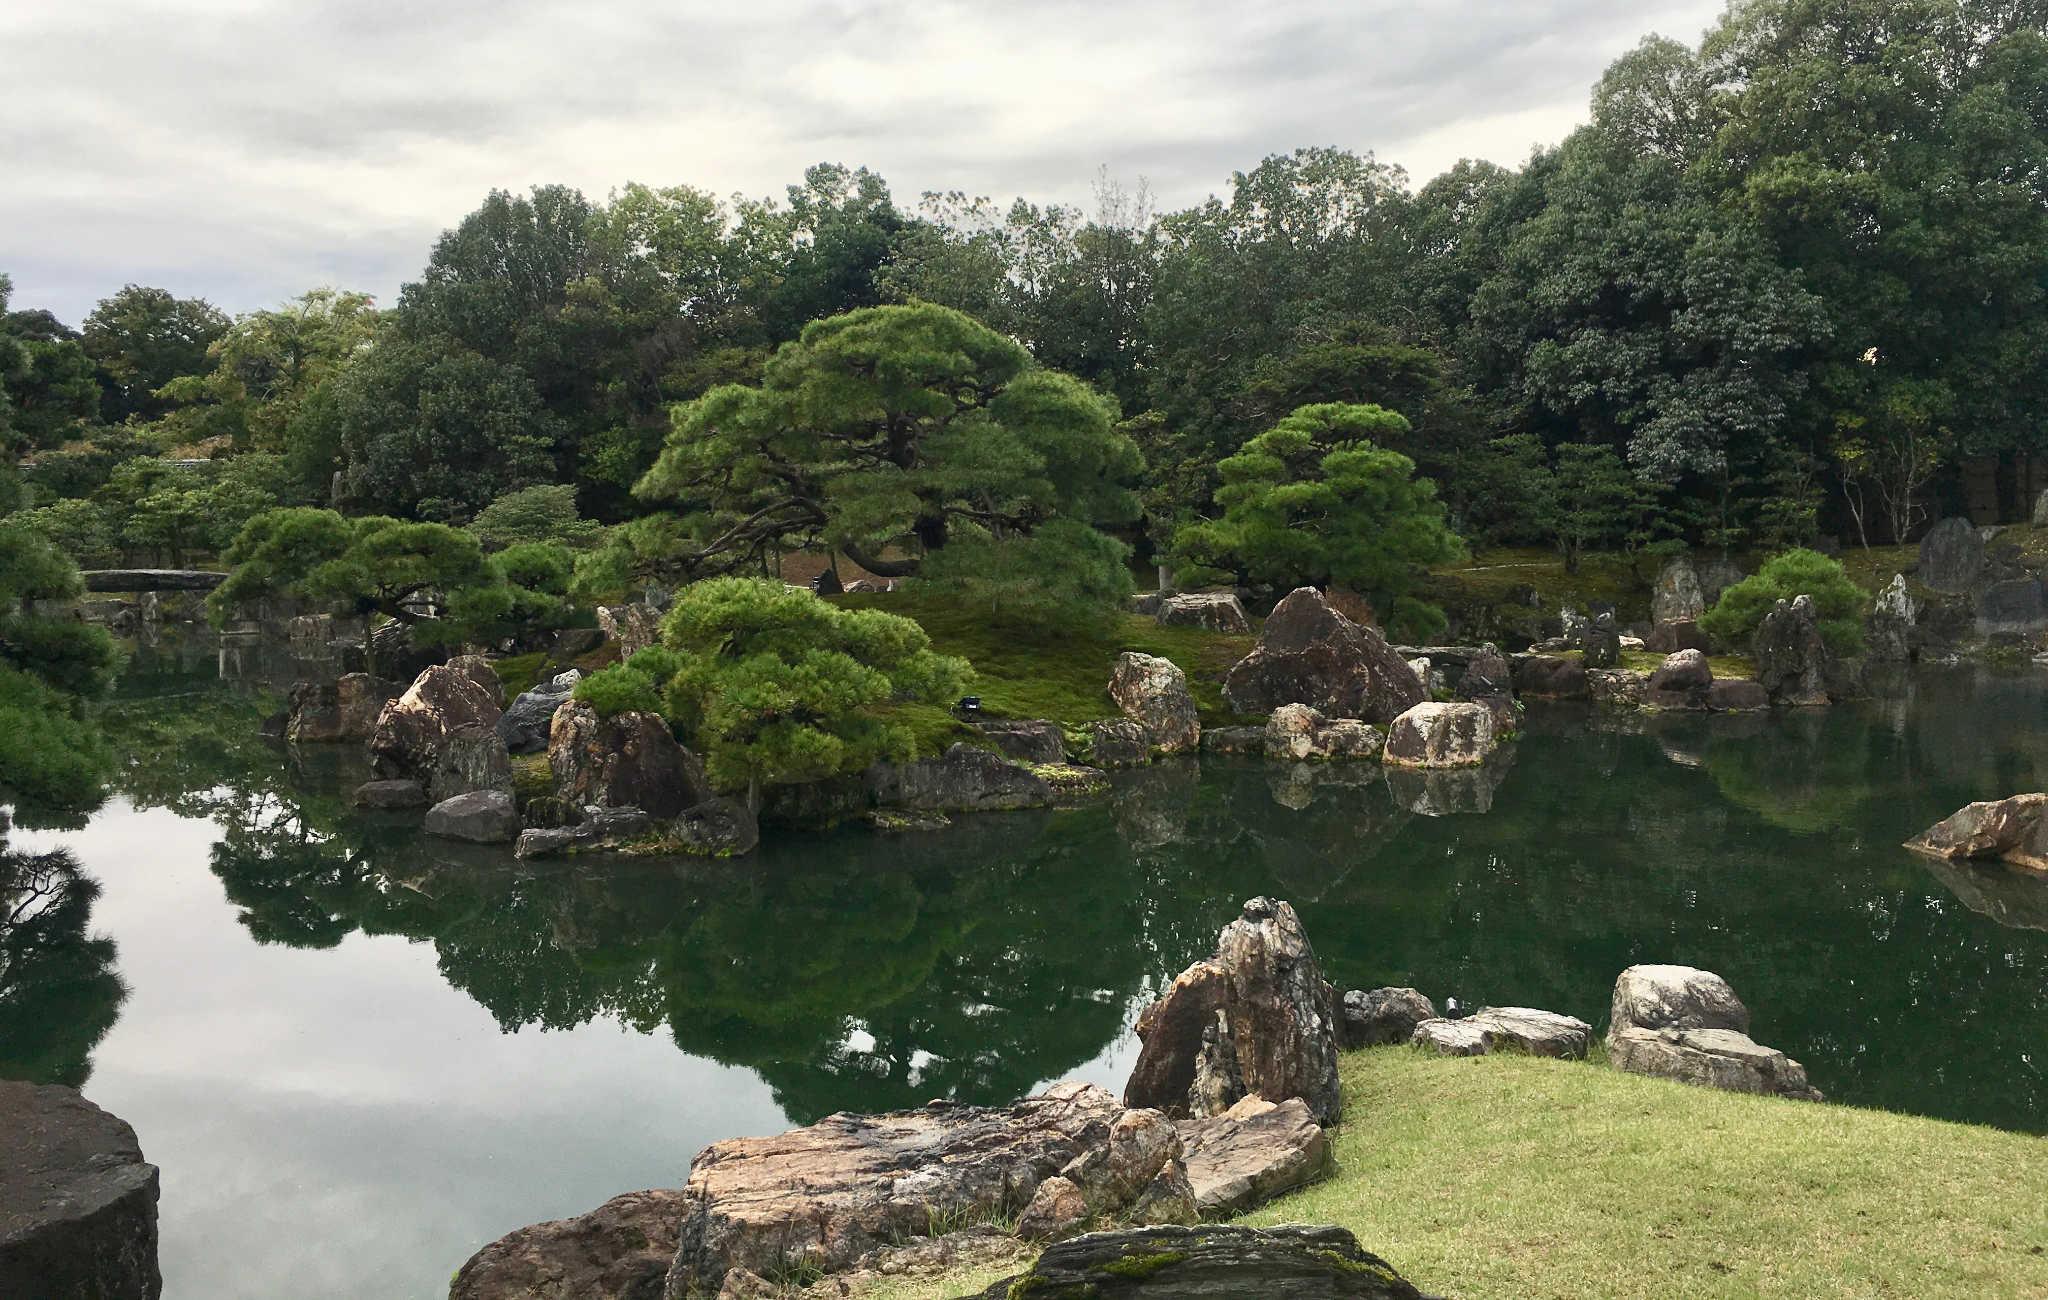 Le jardin offre différents points de vue pour une balade magique